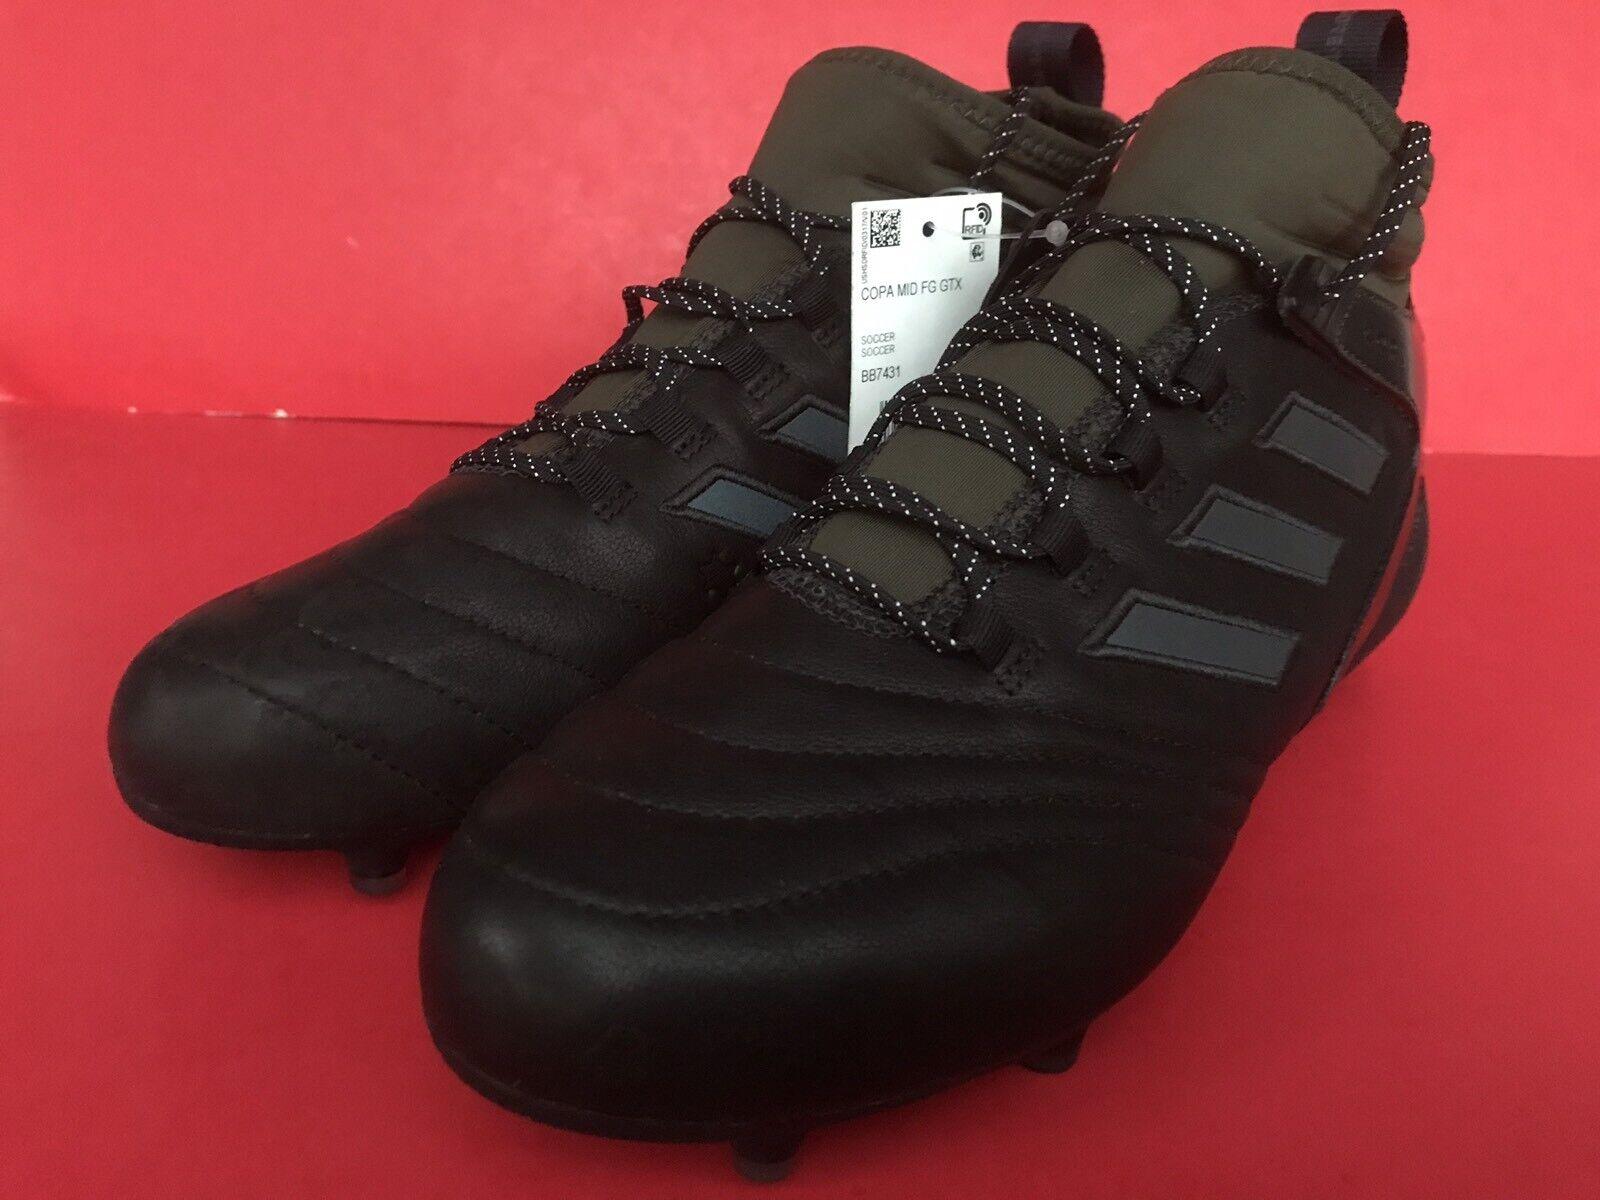 Adidas Copa Mid FG GTX BB7431 Diuominiione 8 uomini's